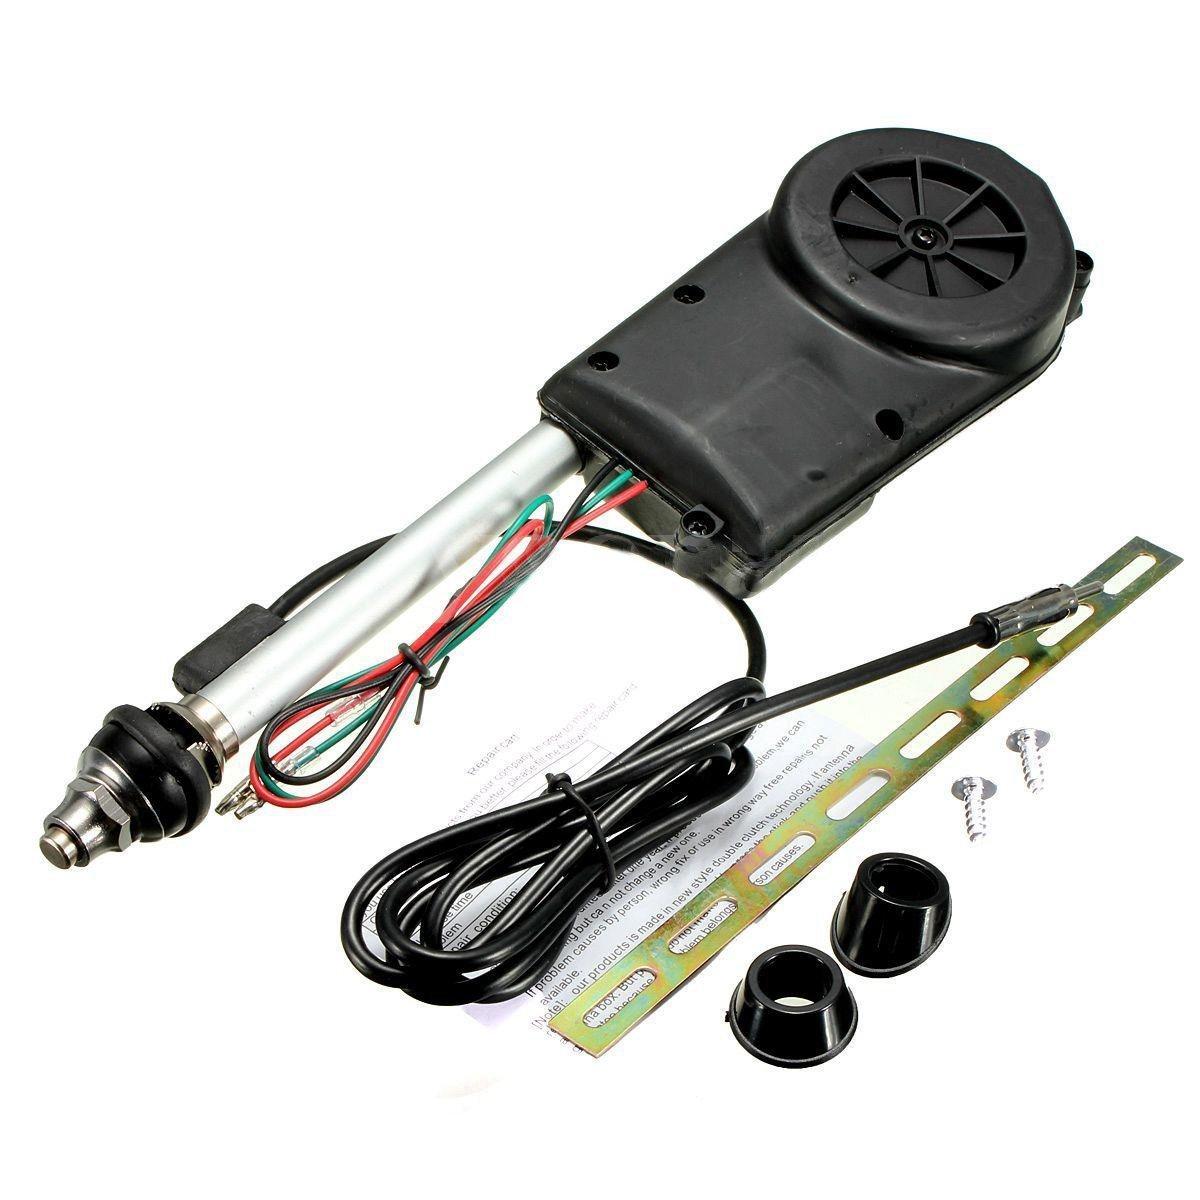 Conjunto de antena - SODIAL(R)Conjunto de antena electrica de propulsion automatica de radio de coche negro 060727